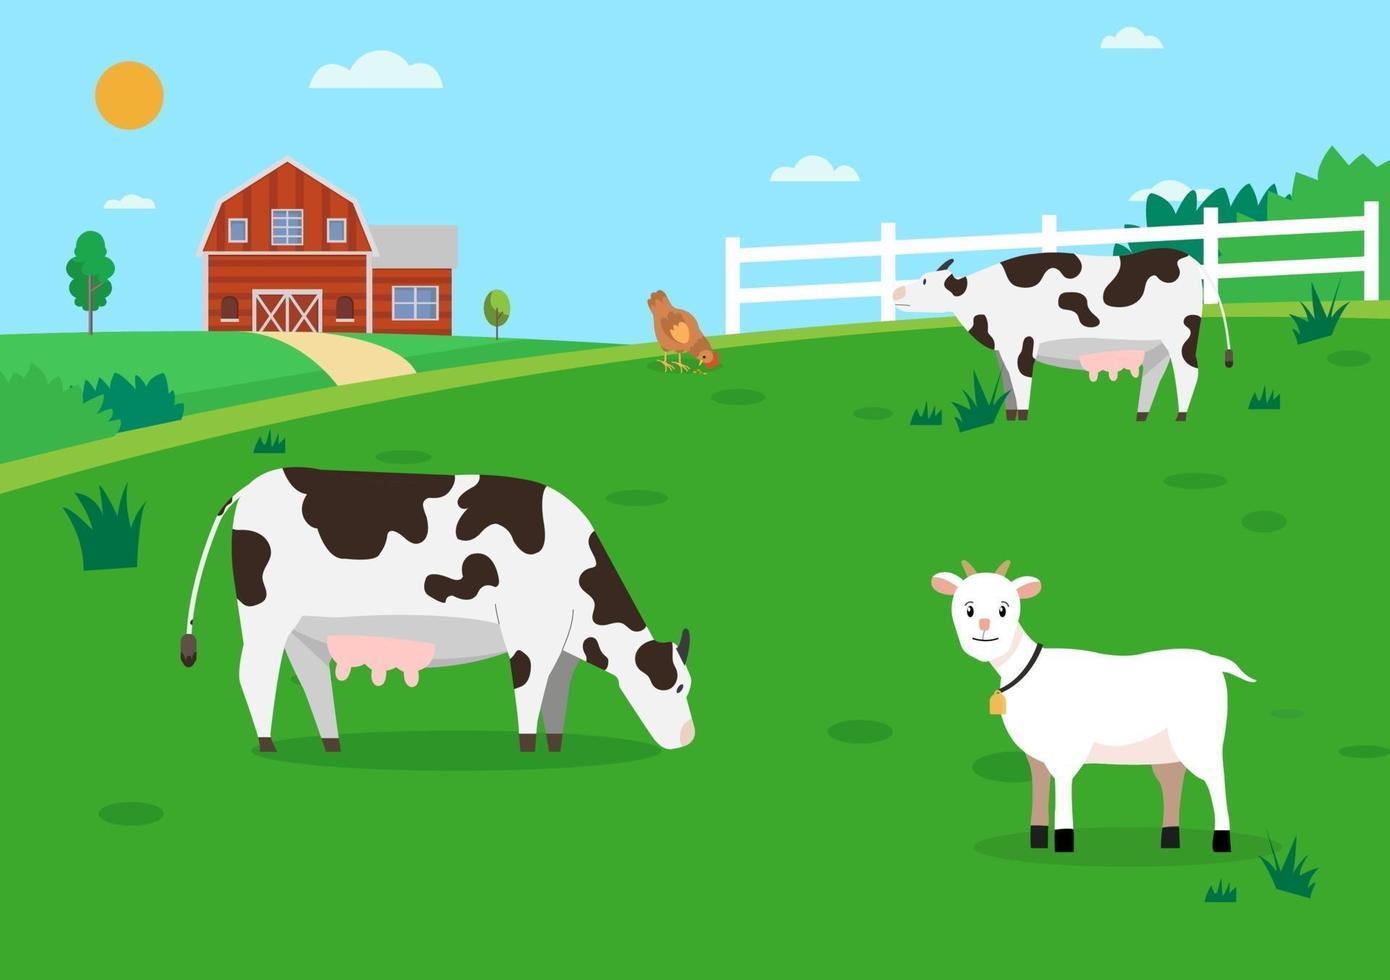 Naturfarm mit Tieren. Ackerland mit Kühen und Hühnern. Flaches Design der ländlichen Farmszene. Öko-Bauernhof mit Tieren. vektor